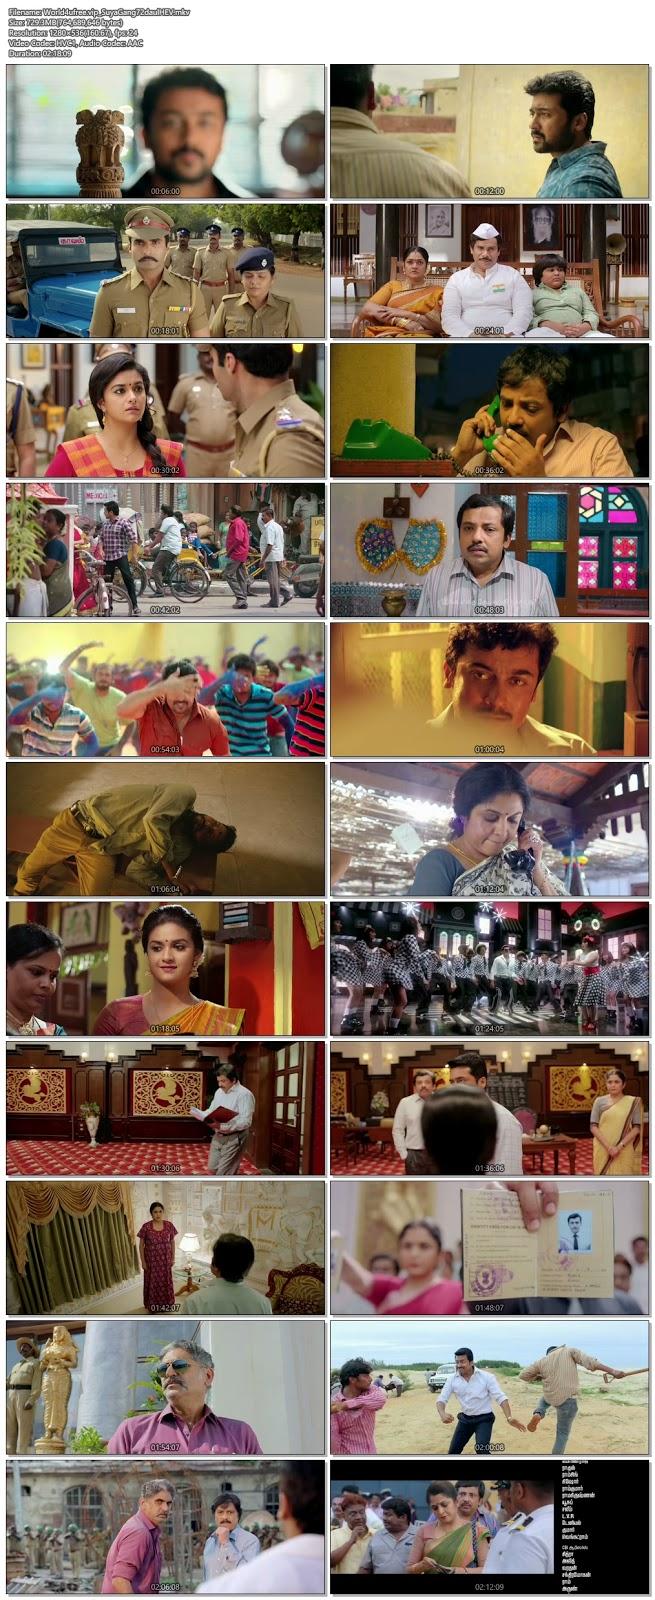 Suriya Ki Gang 2018 Dual Audio 720p HDRip 700Mb x265 HEVC world4ufree.fun , South indian movie Suriya Ki Gang 2018 hindi dubbed world4ufree.fun 720p hdrip webrip dvdrip 700mb brrip bluray free download or watch online at world4ufree.fun